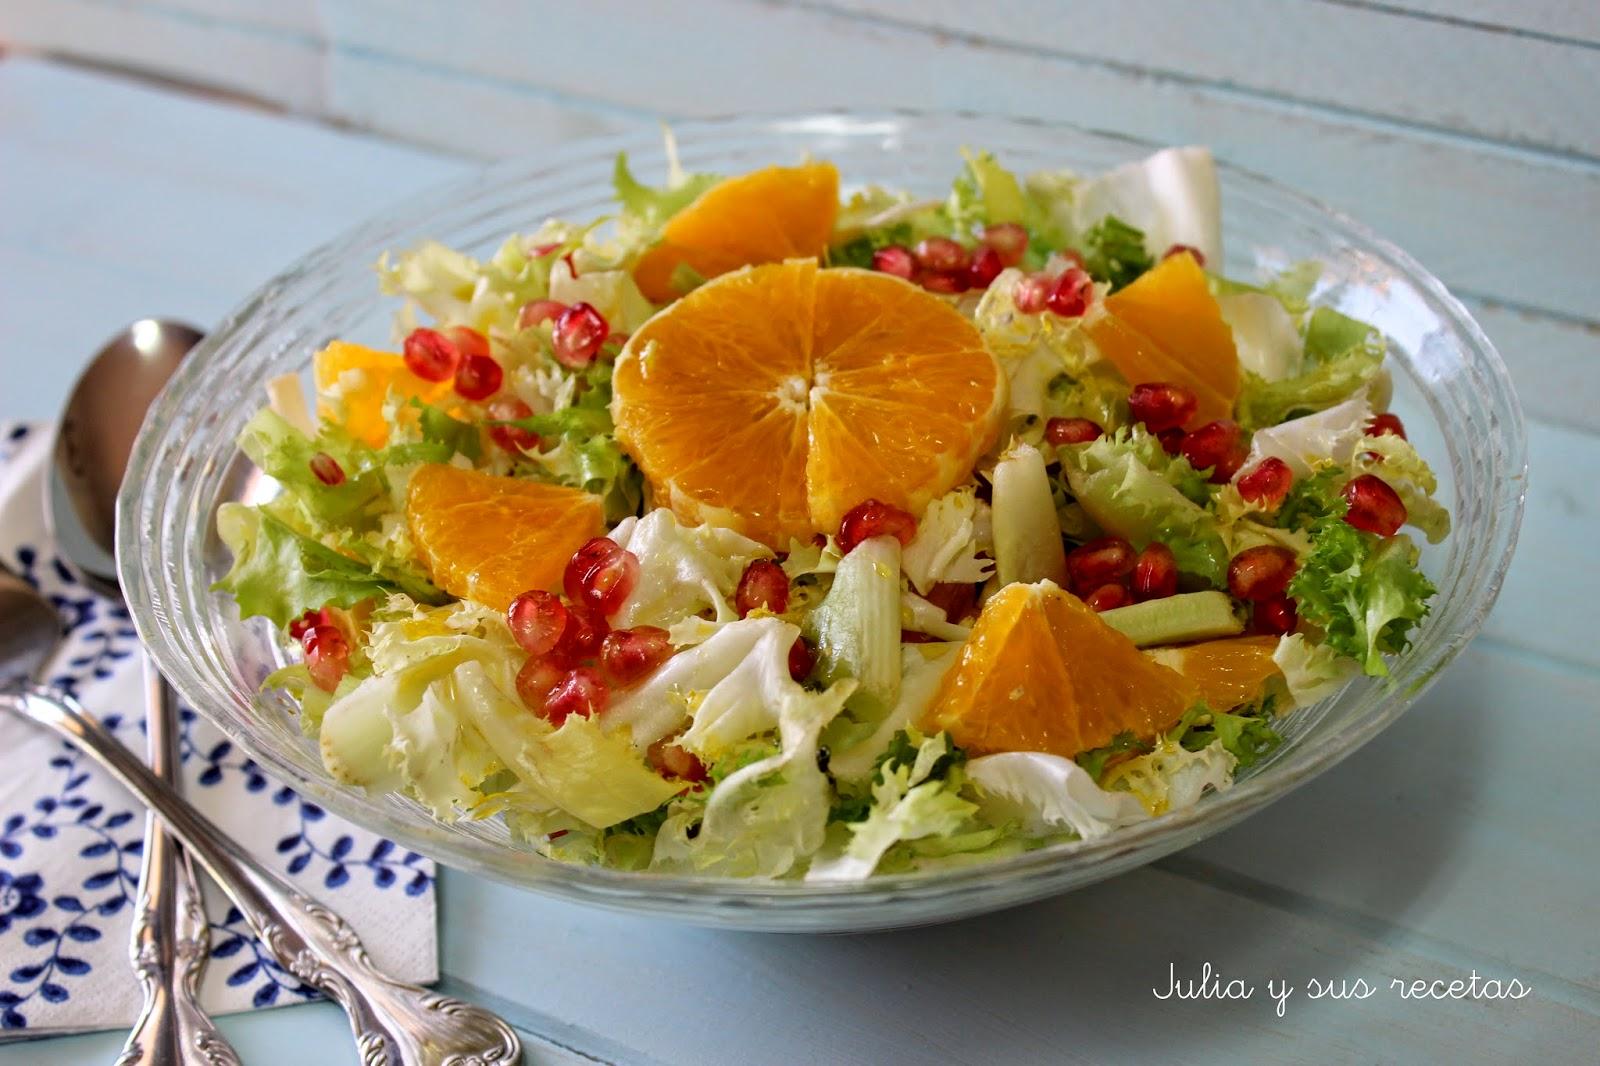 Ensalada de escarola, granada y naranja. Julia y sus recetas